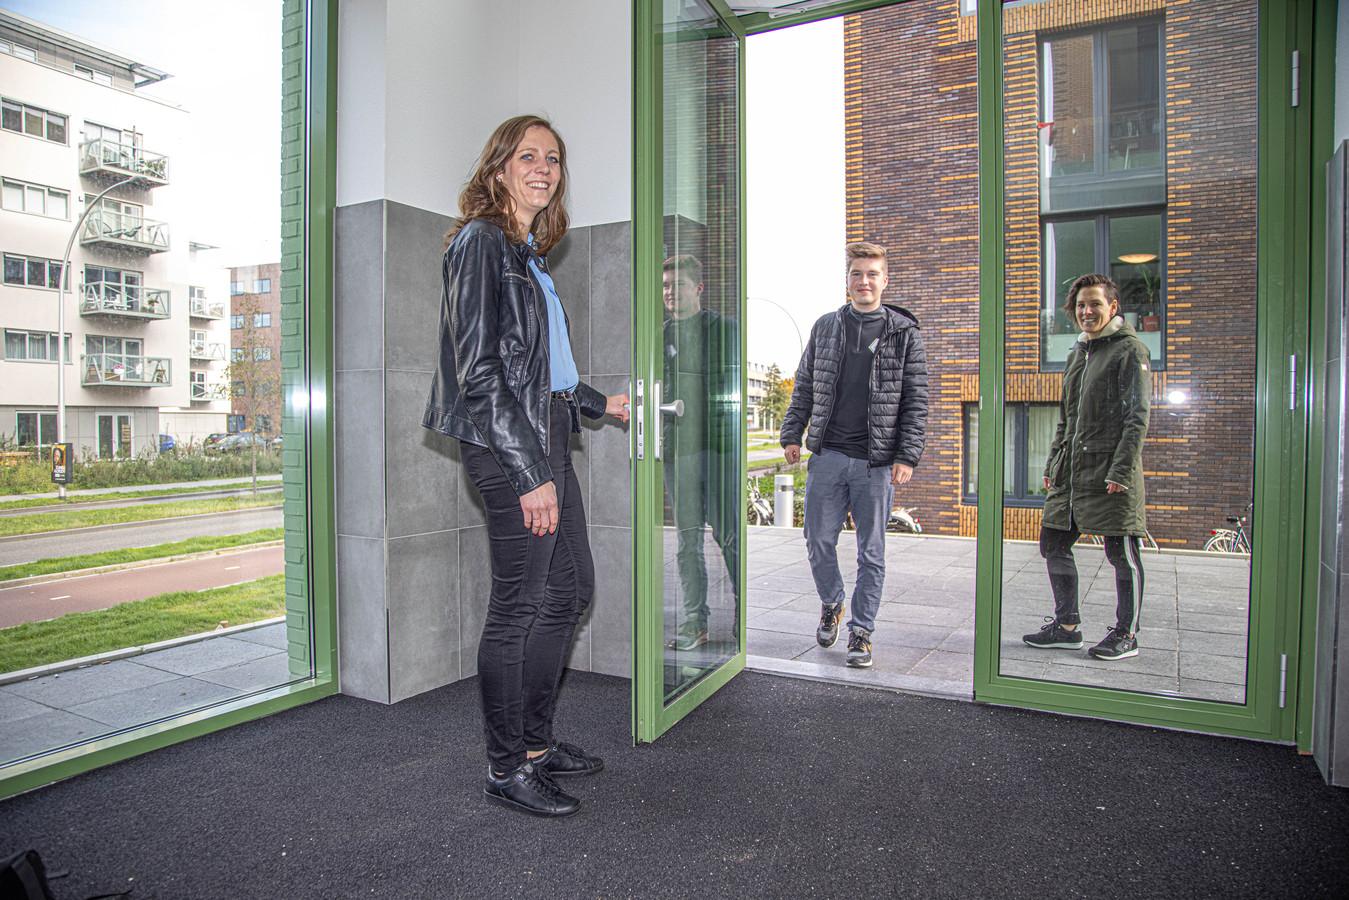 Jordi Schrotenboer is een van de bewoners van de nieuwe woonvorm in de vierde studentenflat. Eline Ploegman houdt de deur voor hem open, rechts Lareina van Enteren.